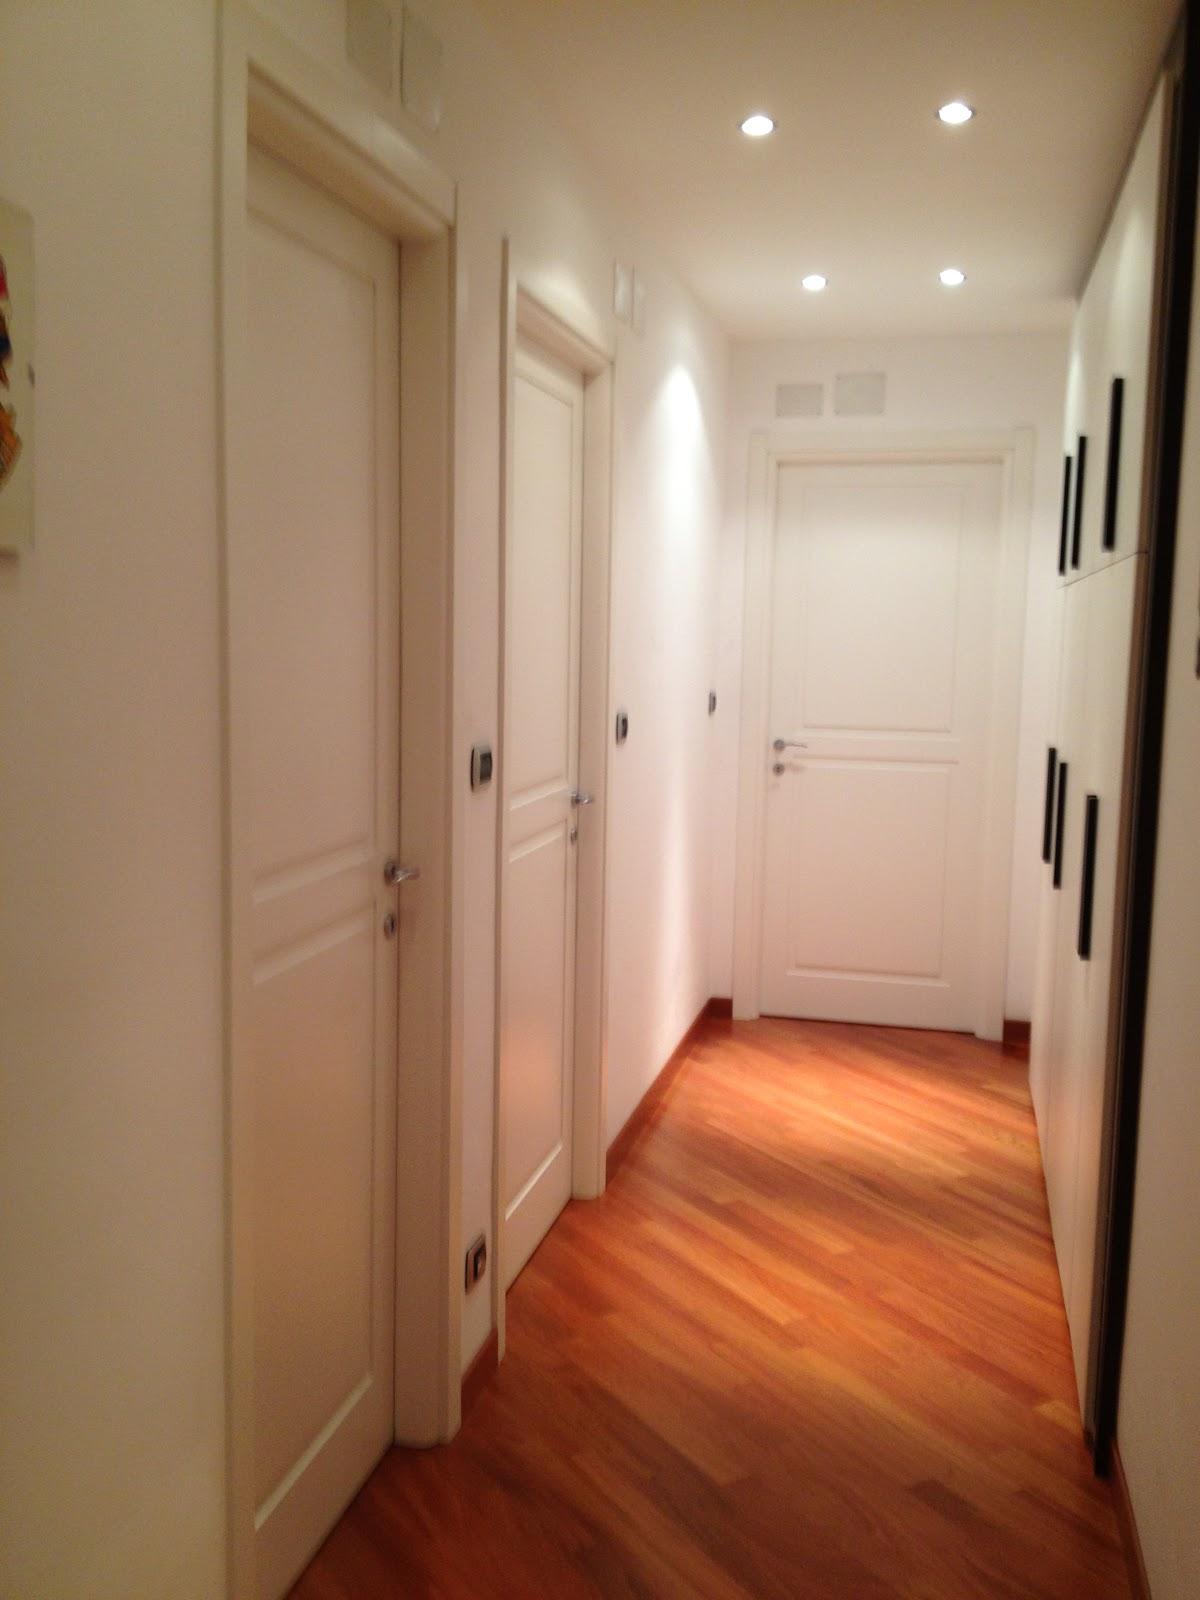 Forum aiuto scelta porte interne per casa nuova - Arredare casa nuova ...